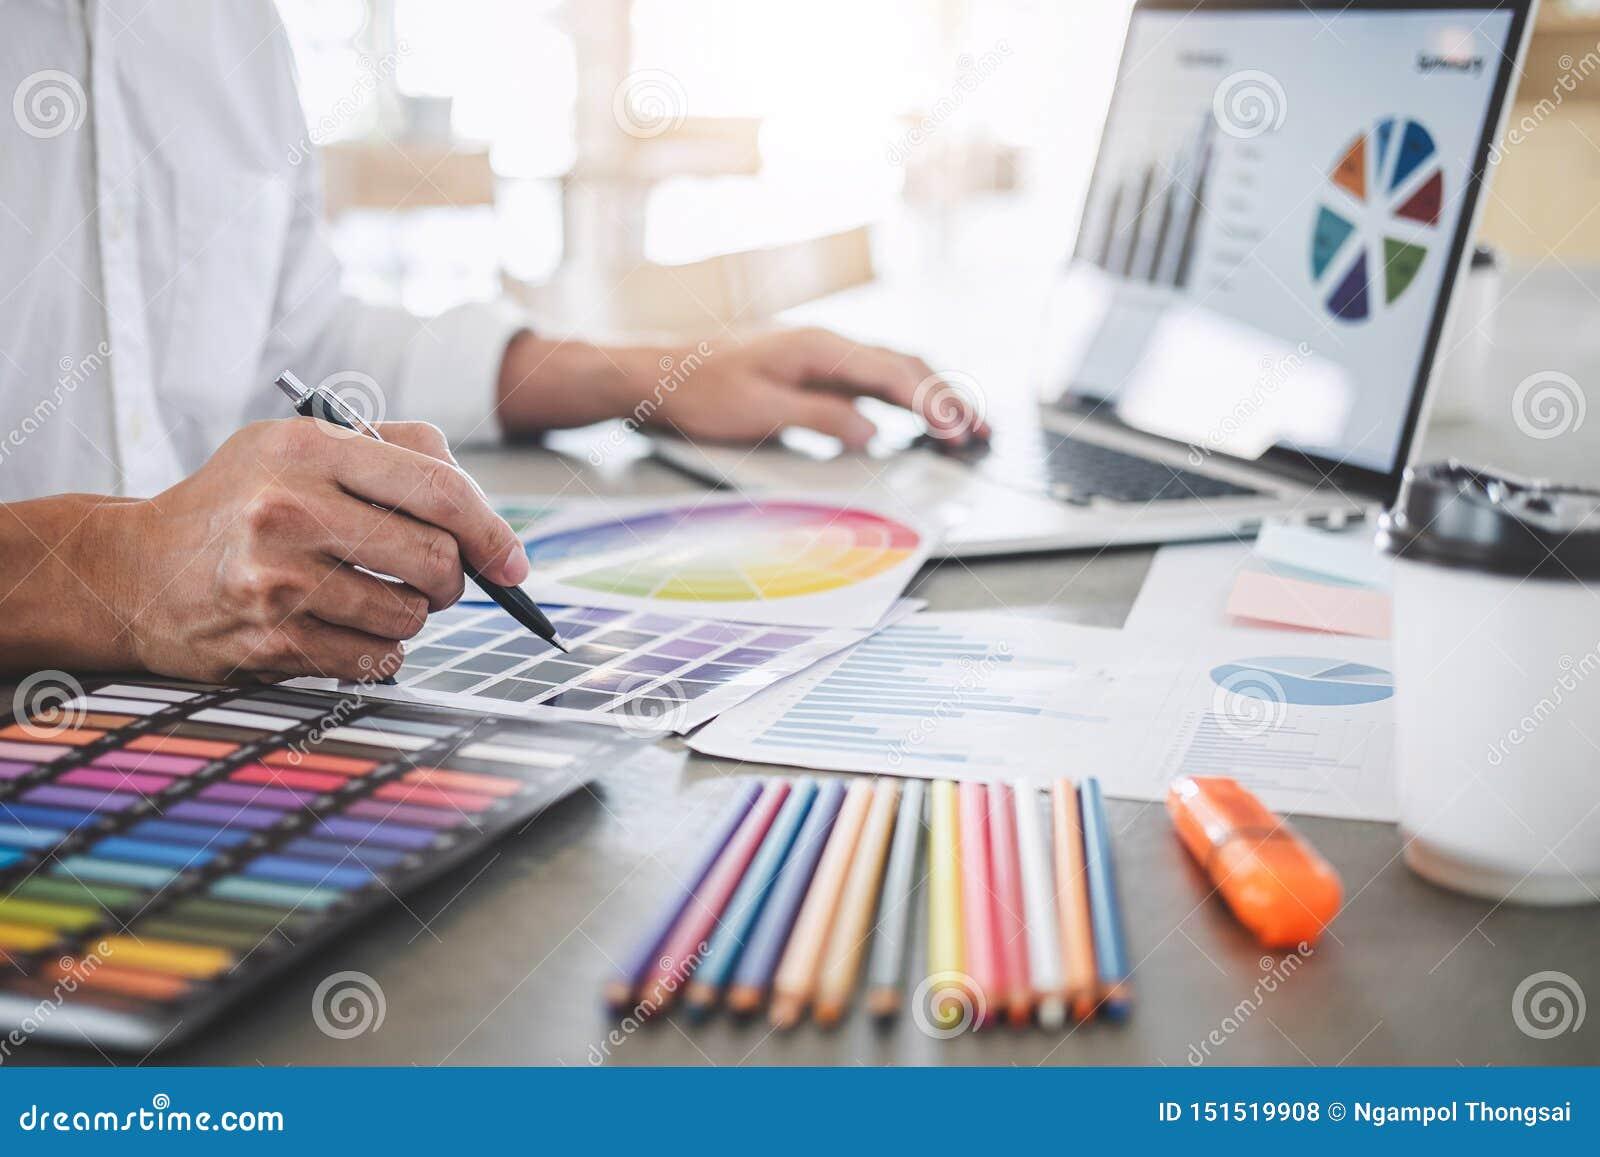 Junger kreativer Grafikdesigner, der an Projektarchitekturzeichnungs- und -farbmustern, Auswahlfarbton auf grafischem Diagramm ar